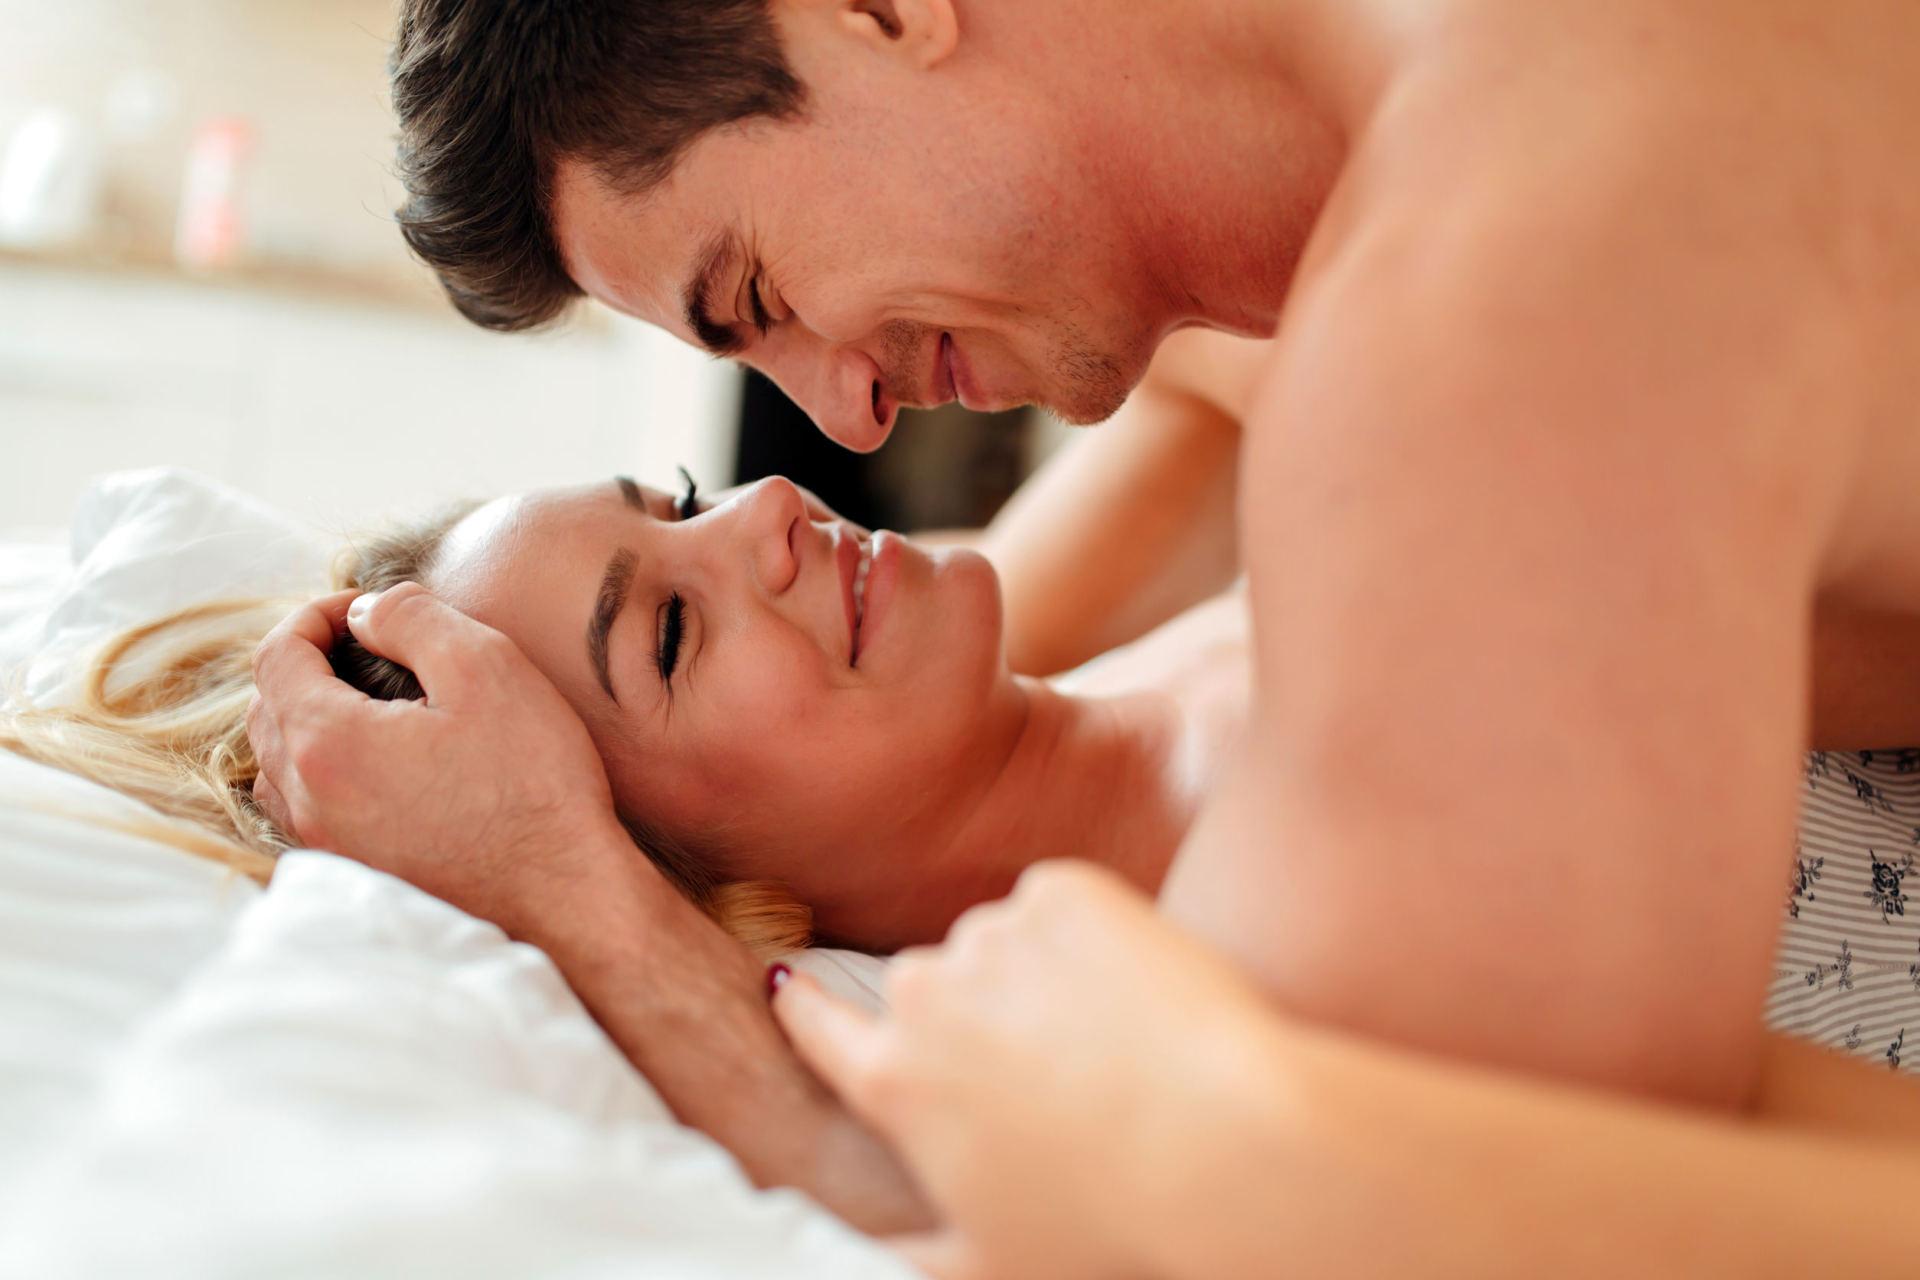 Kaip padidinti nari sekso metu tepalas ar gelis priartinti